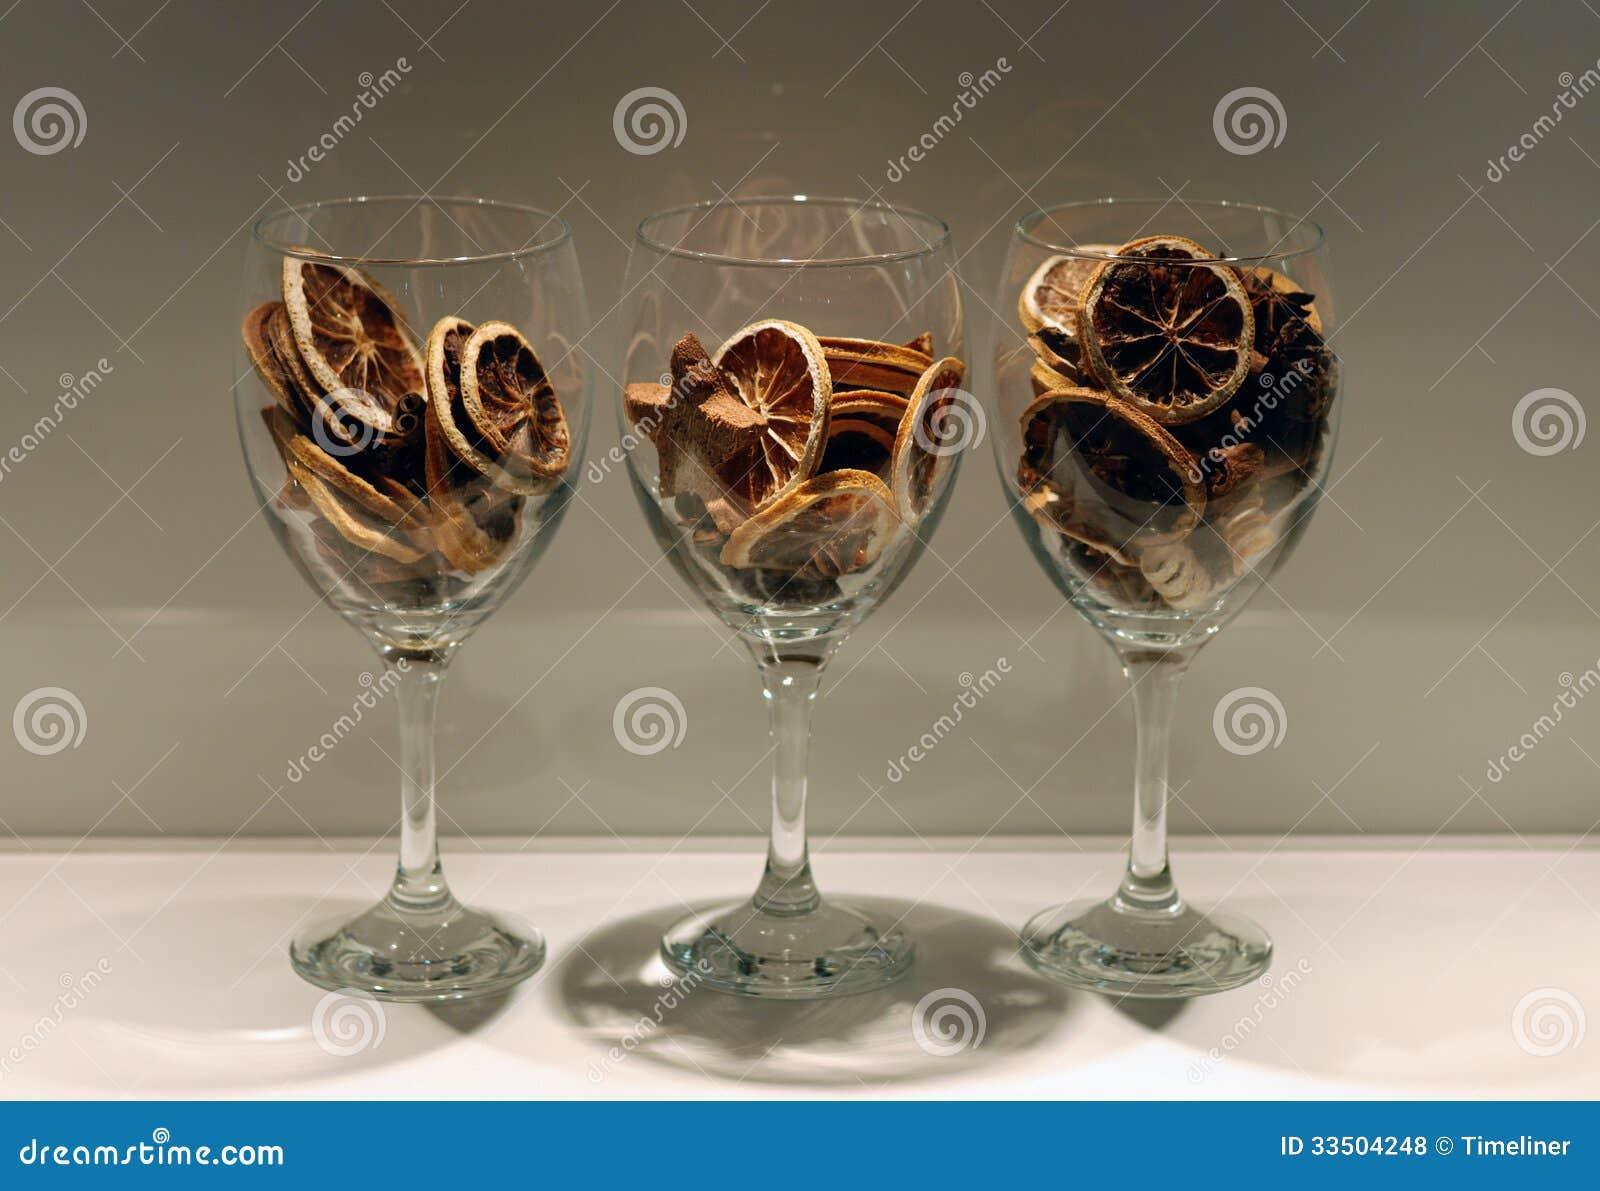 Dry Fruit Decoration Stock Photo Image Of Lemon Furniture 33504248